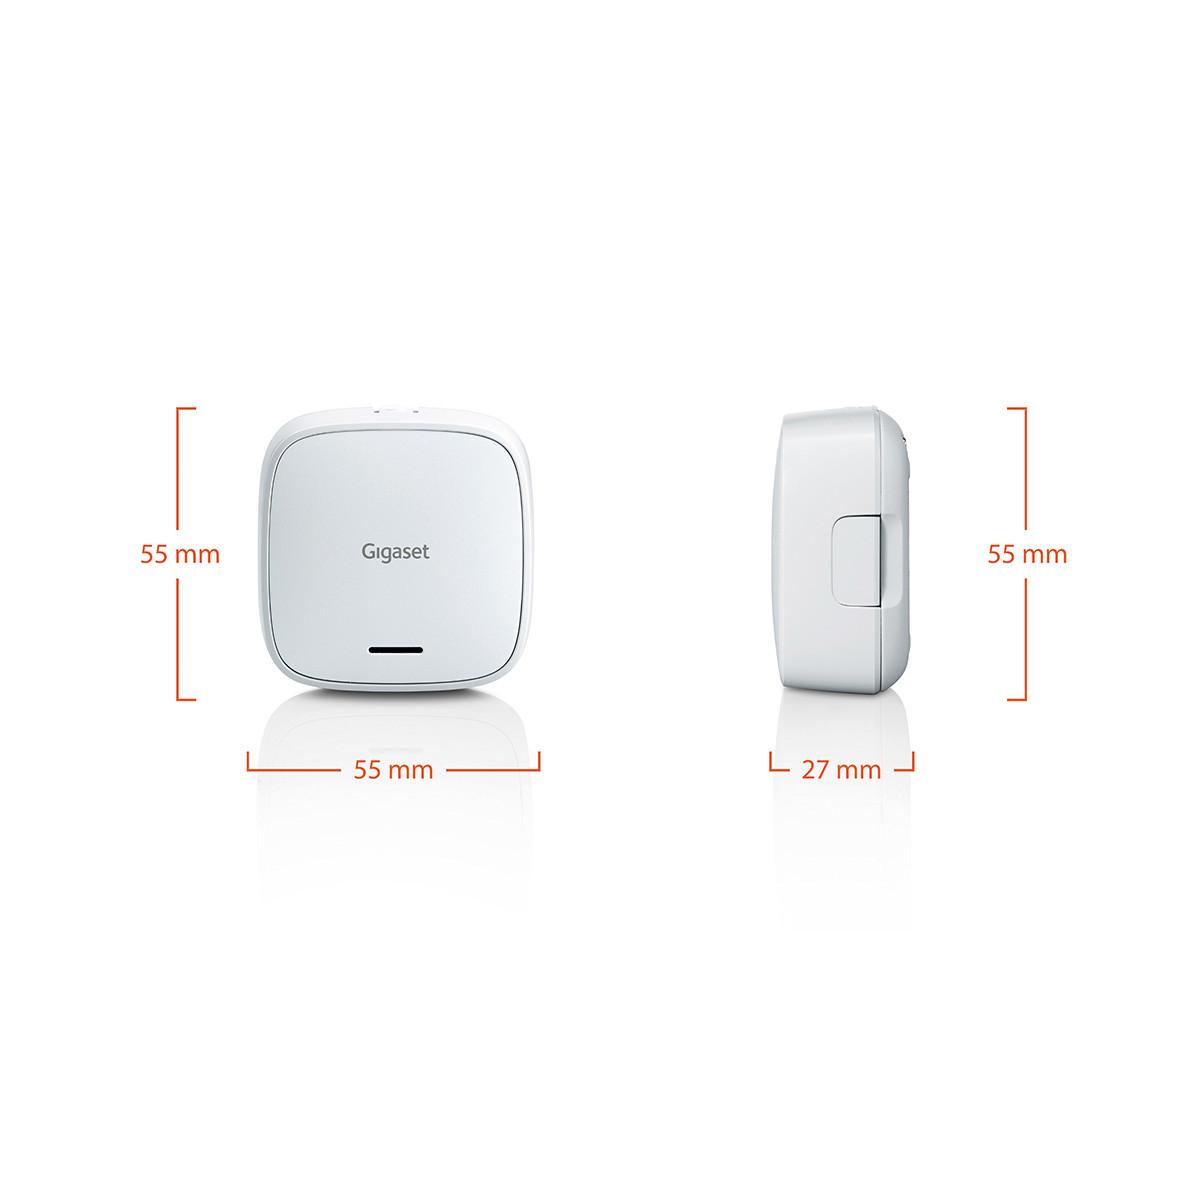 Gigaset Window Sensor ONE X